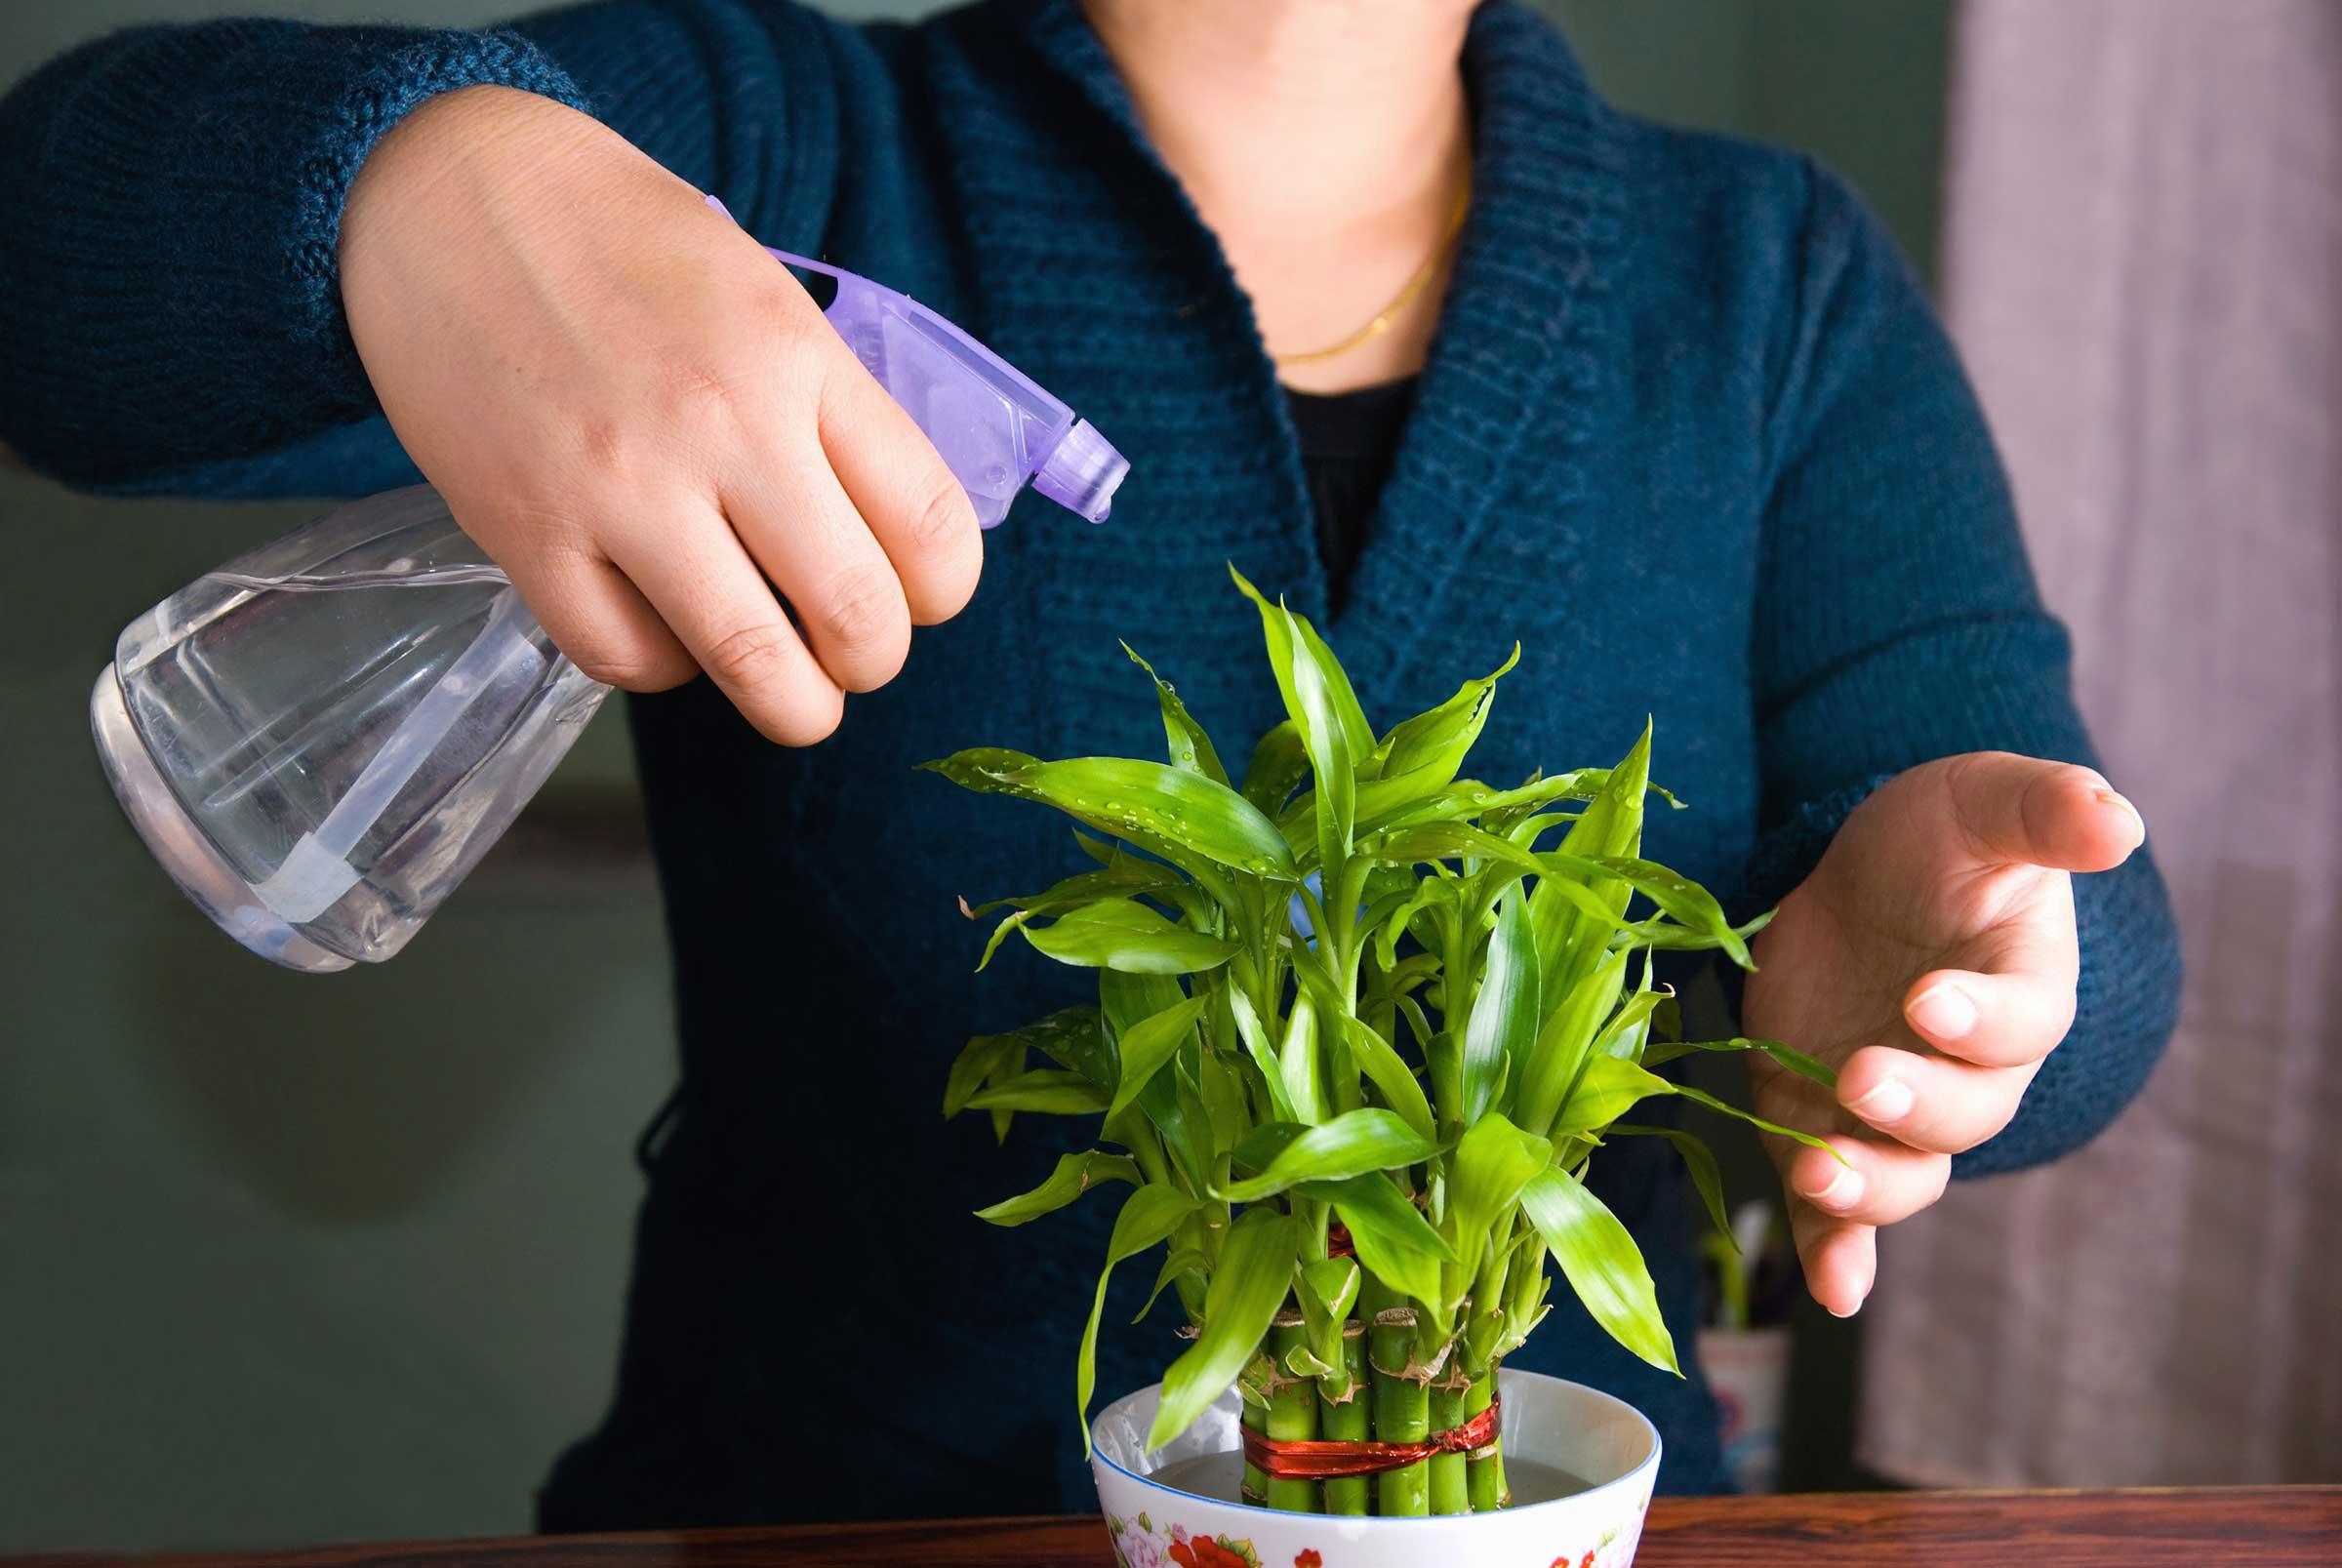 ухаживание за комнатными растениями